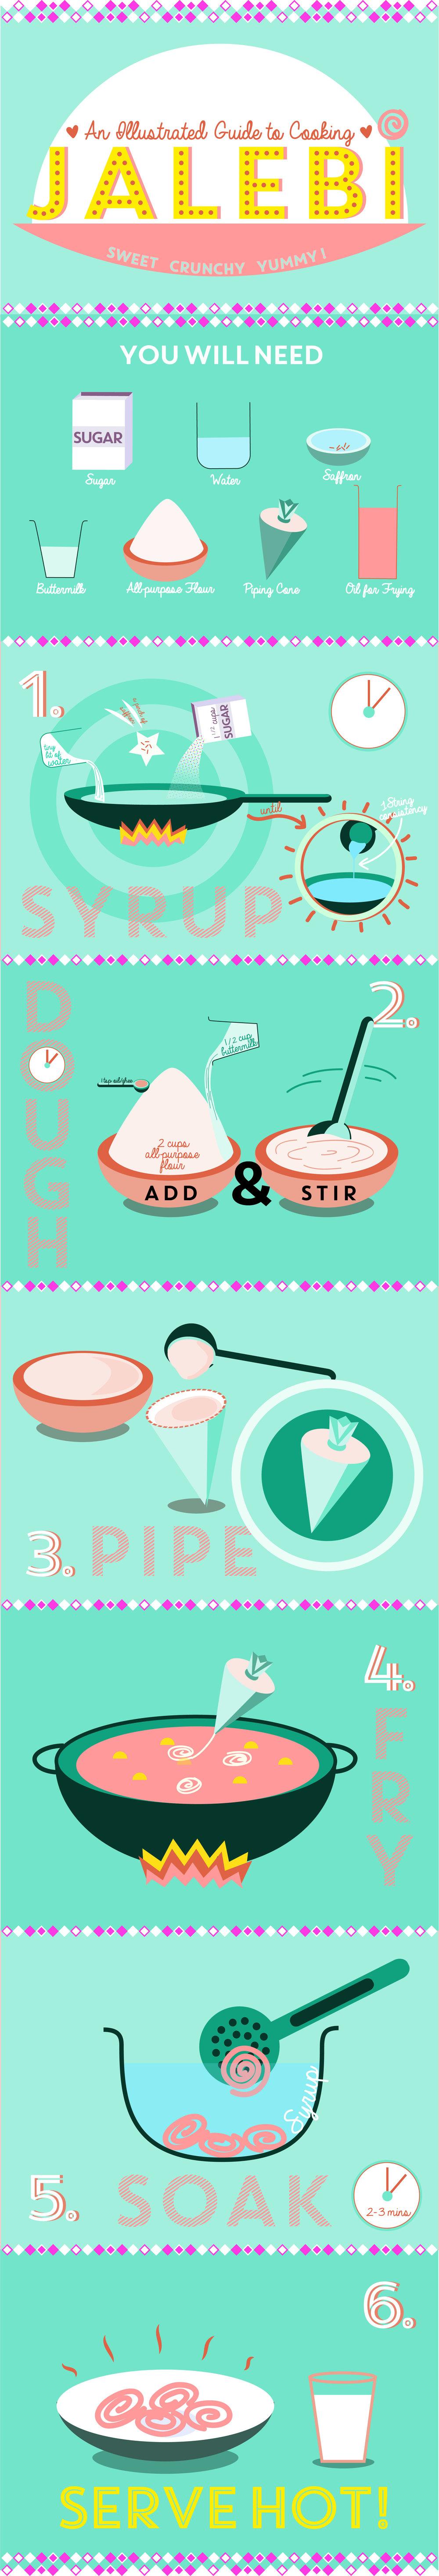 Jalebi TLJ recipe7.jpg